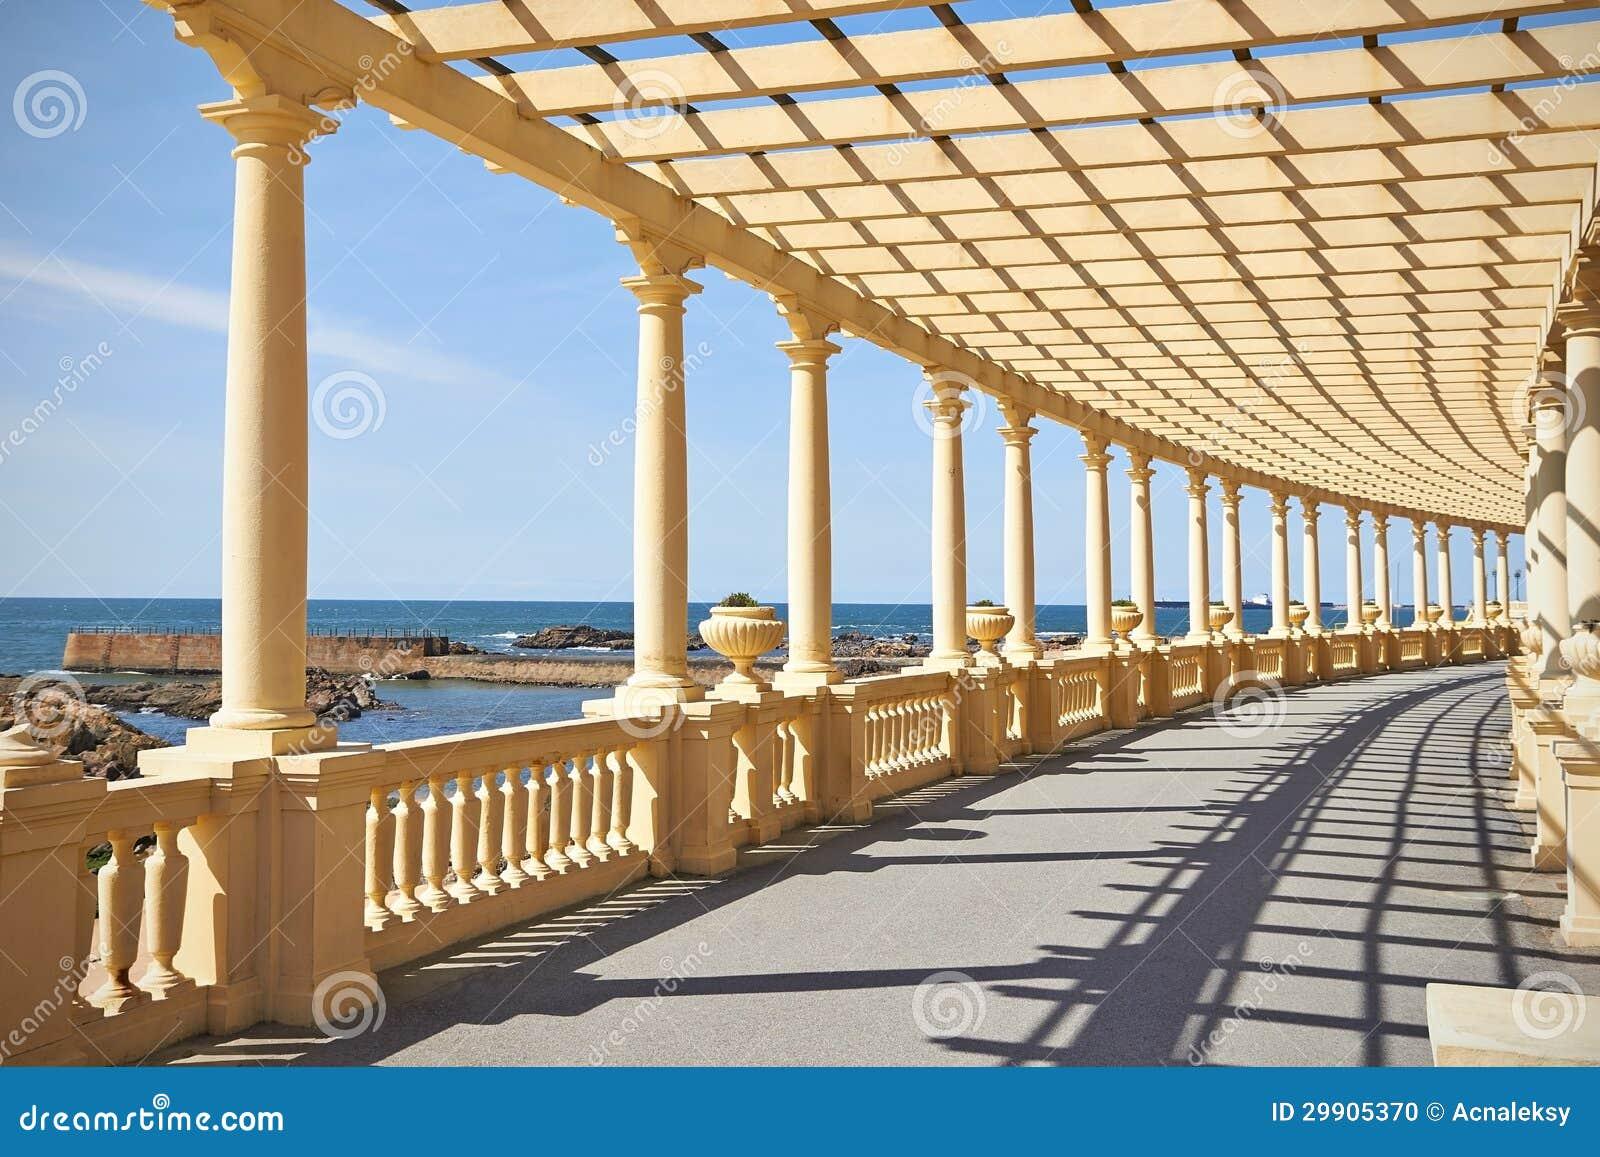 Pergola in porto portugal stock foto afbeelding 29905370 - Pergola verkoop ...